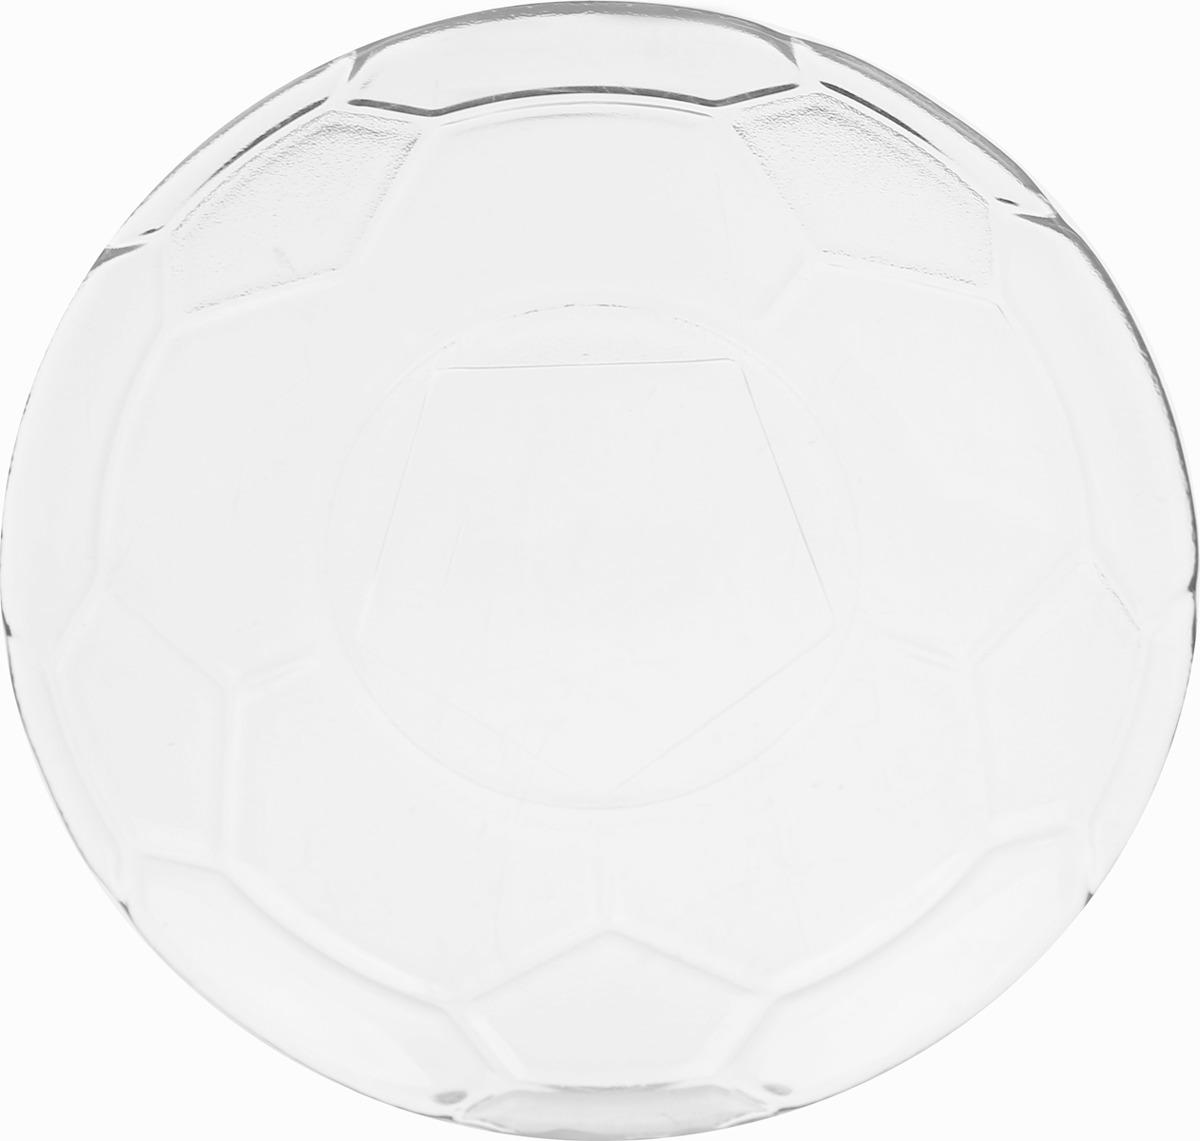 Тарелка десертная ОСЗ Футбол, диаметр 19 см